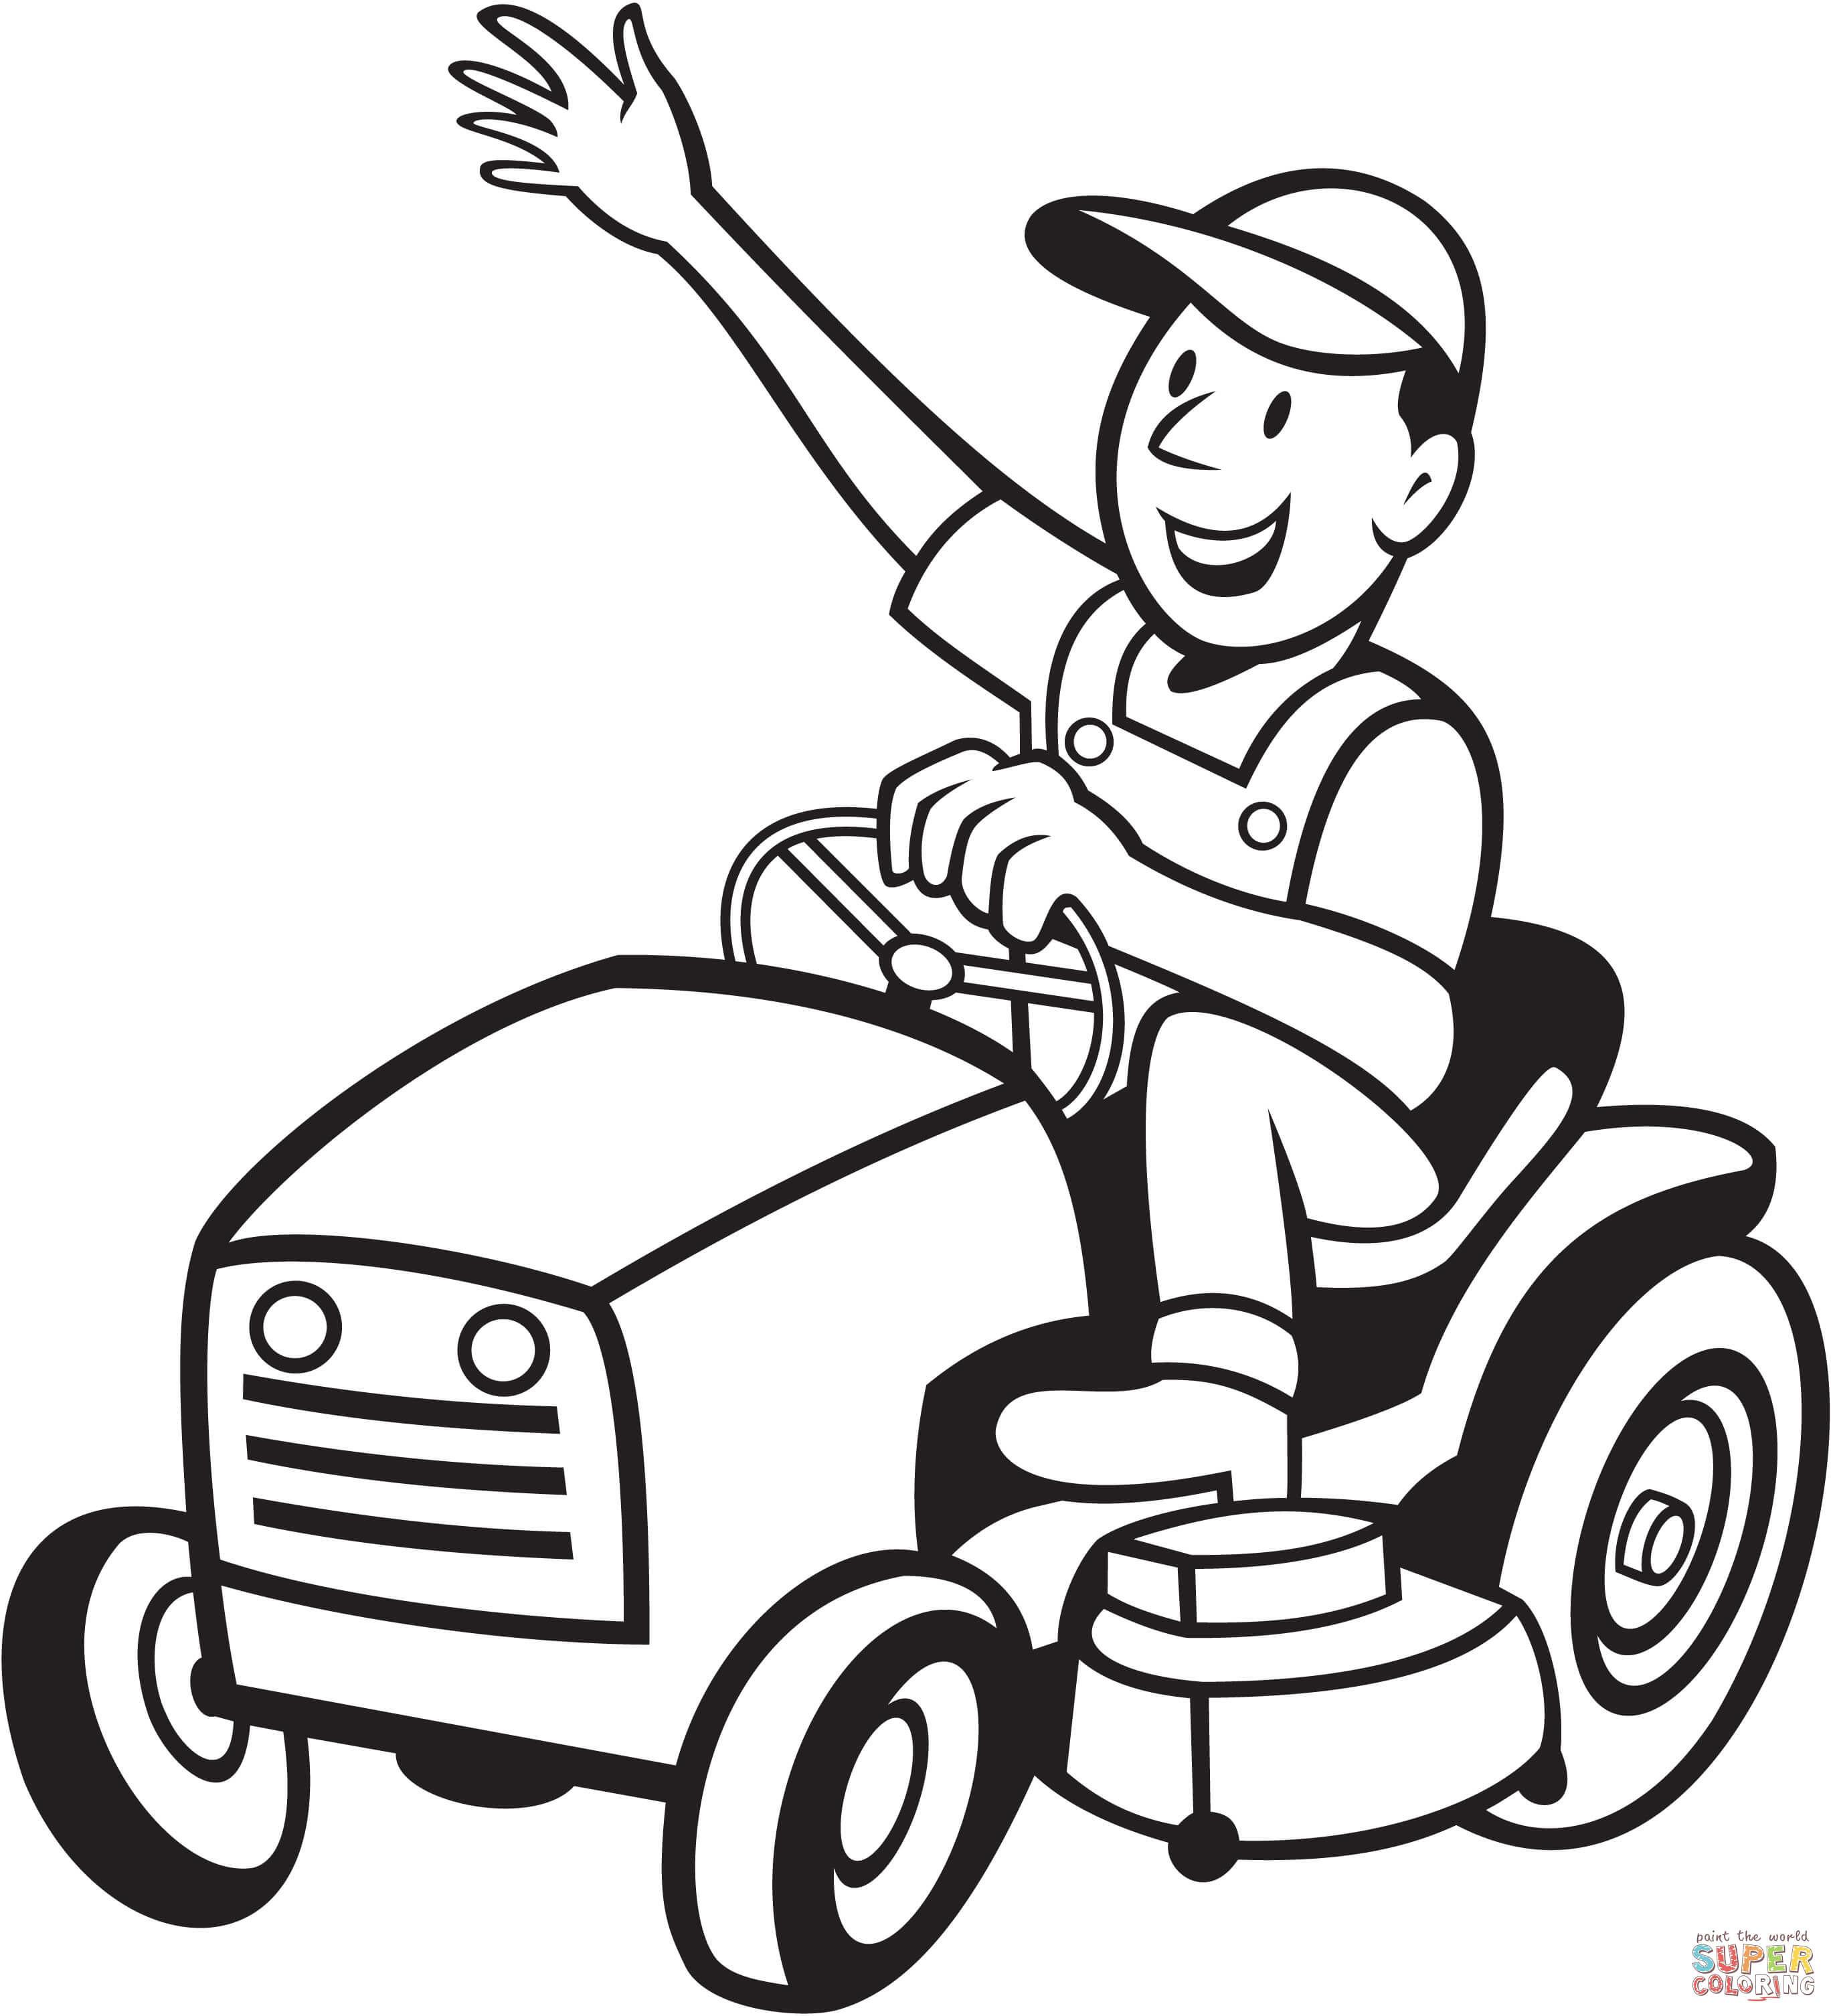 Traktor Ausmalbilder John Deere Das Beste Von Ausmalbild Bauer Fährt Einen Traktor Mäher Stock